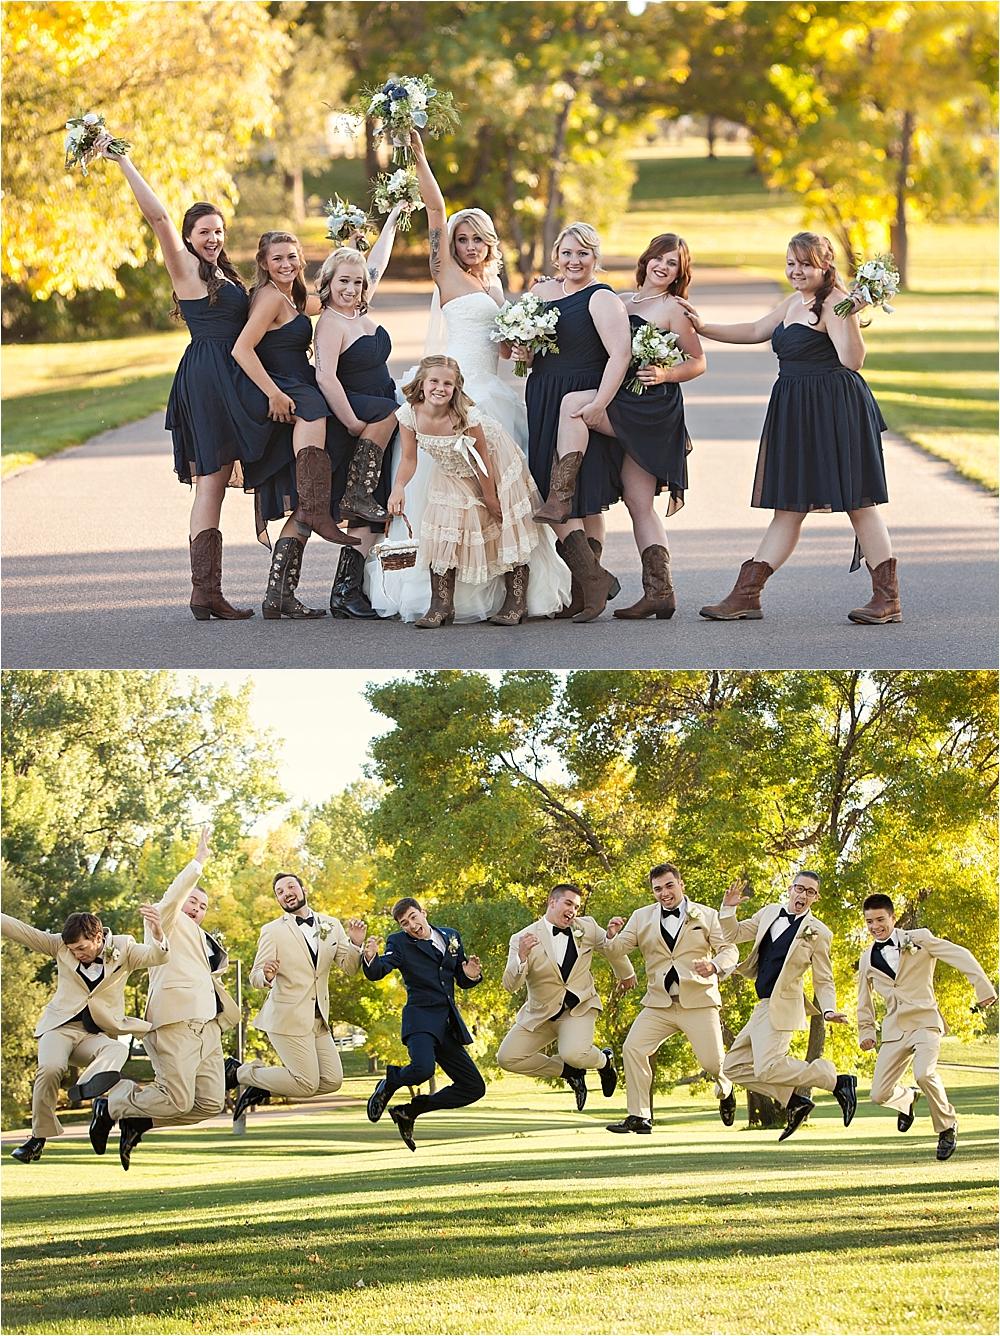 Kaitlin + Casey | The Barn at Raccoon Creek Wedding_0032.jpg